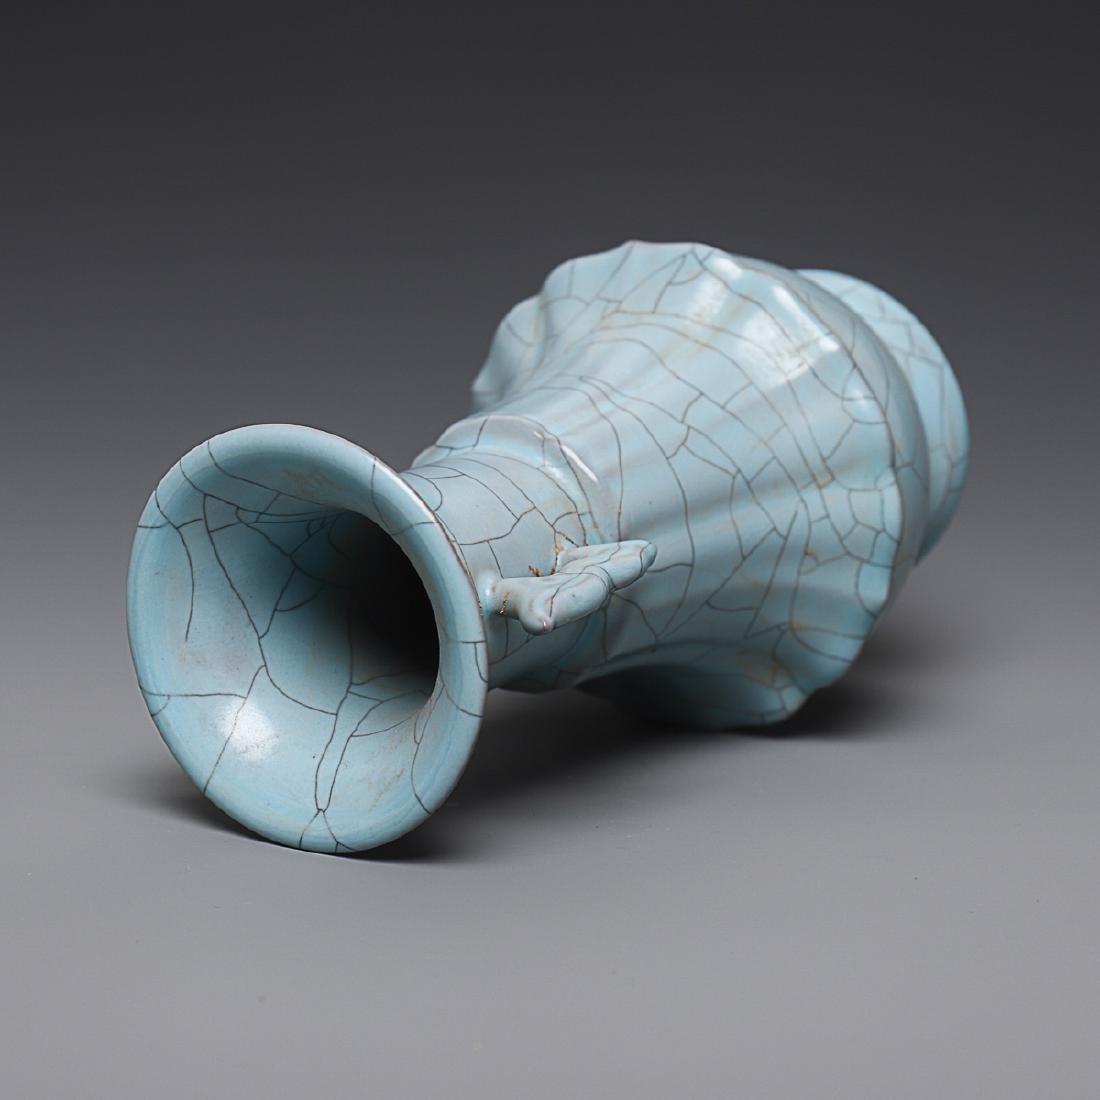 Vintage Chinese Porcelain pot  Vase - 4